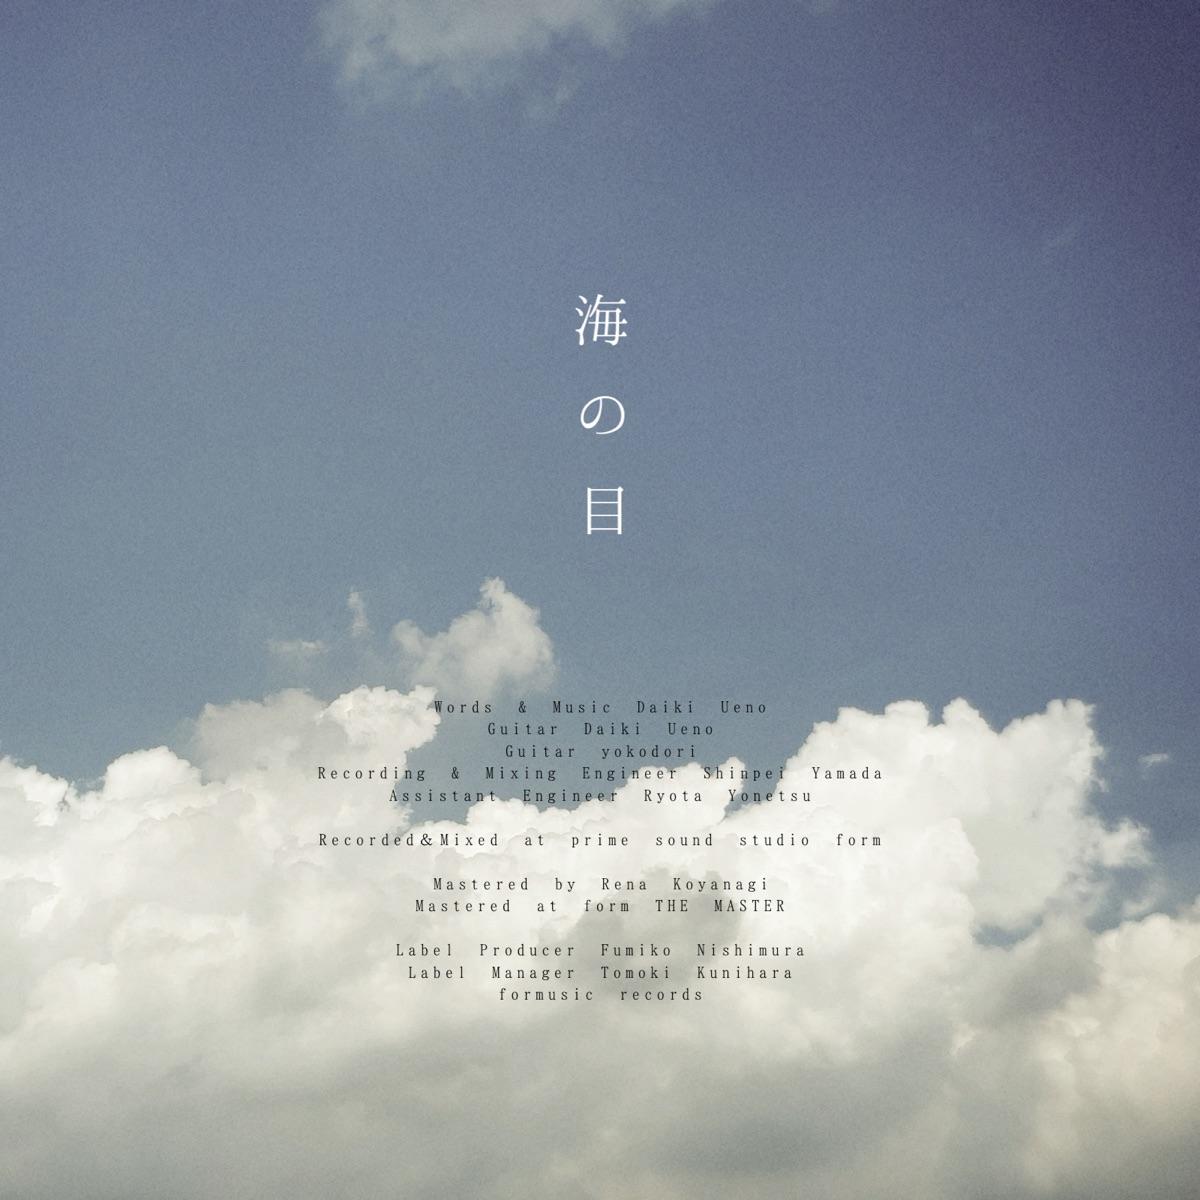 『上野大樹 - 海の目』収録の『海の目』ジャケット